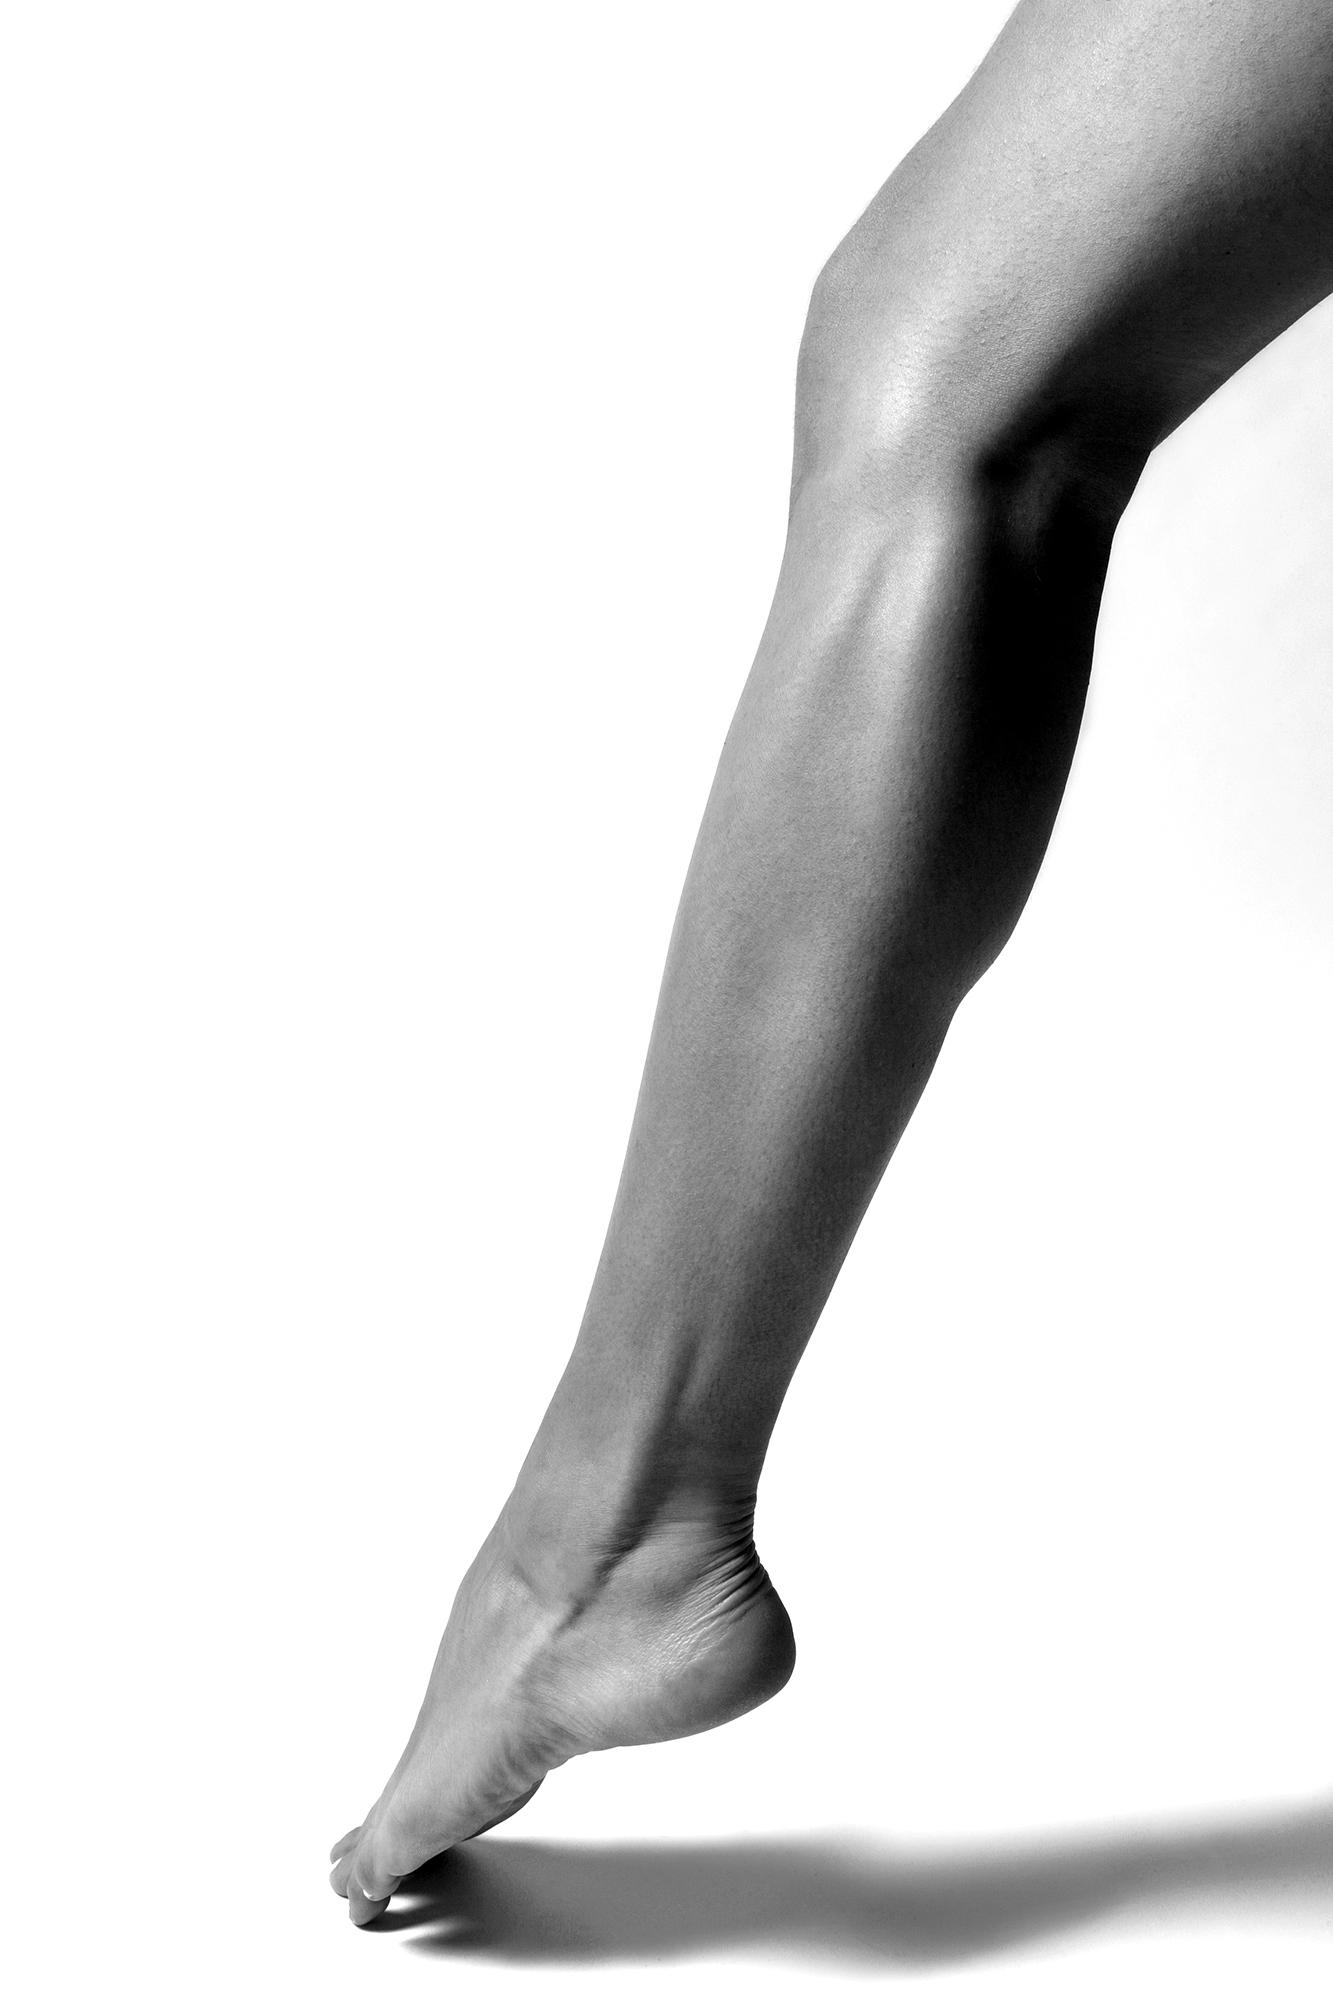 Bild som föreställer ben och fot